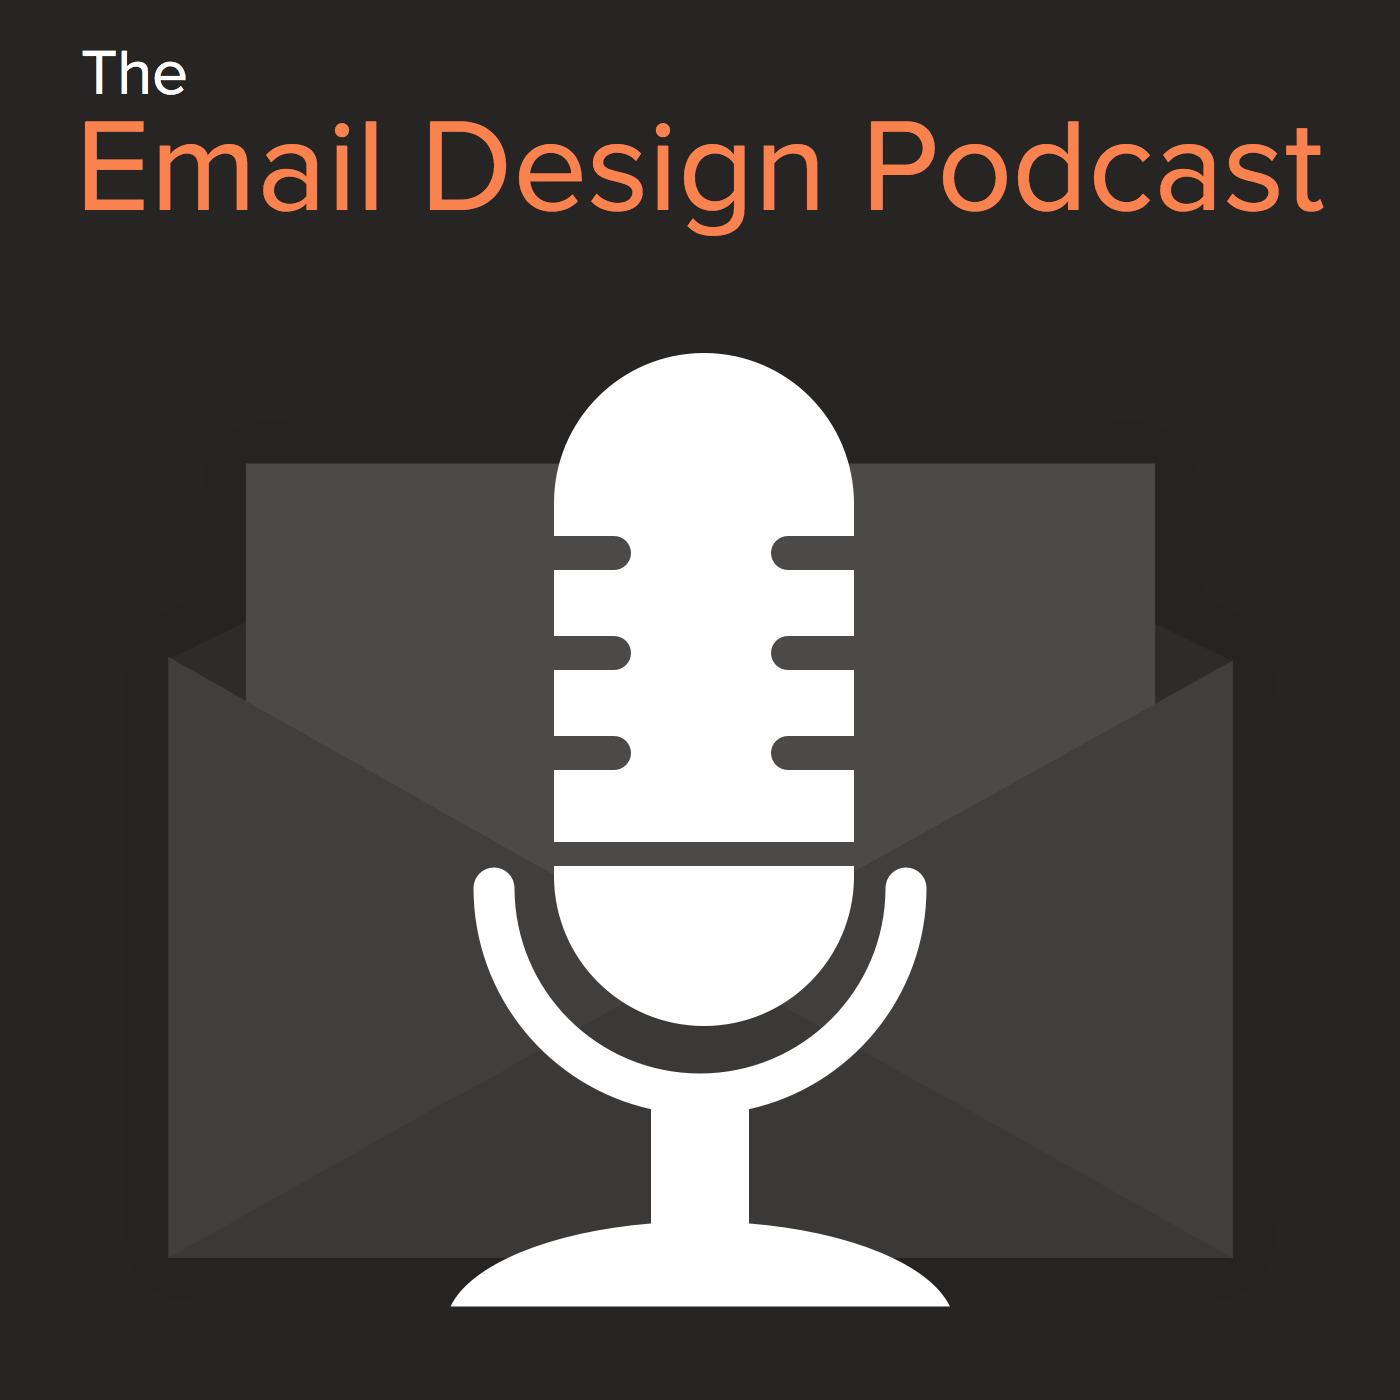 Email Design Podcast – Litmus Software, Inc.